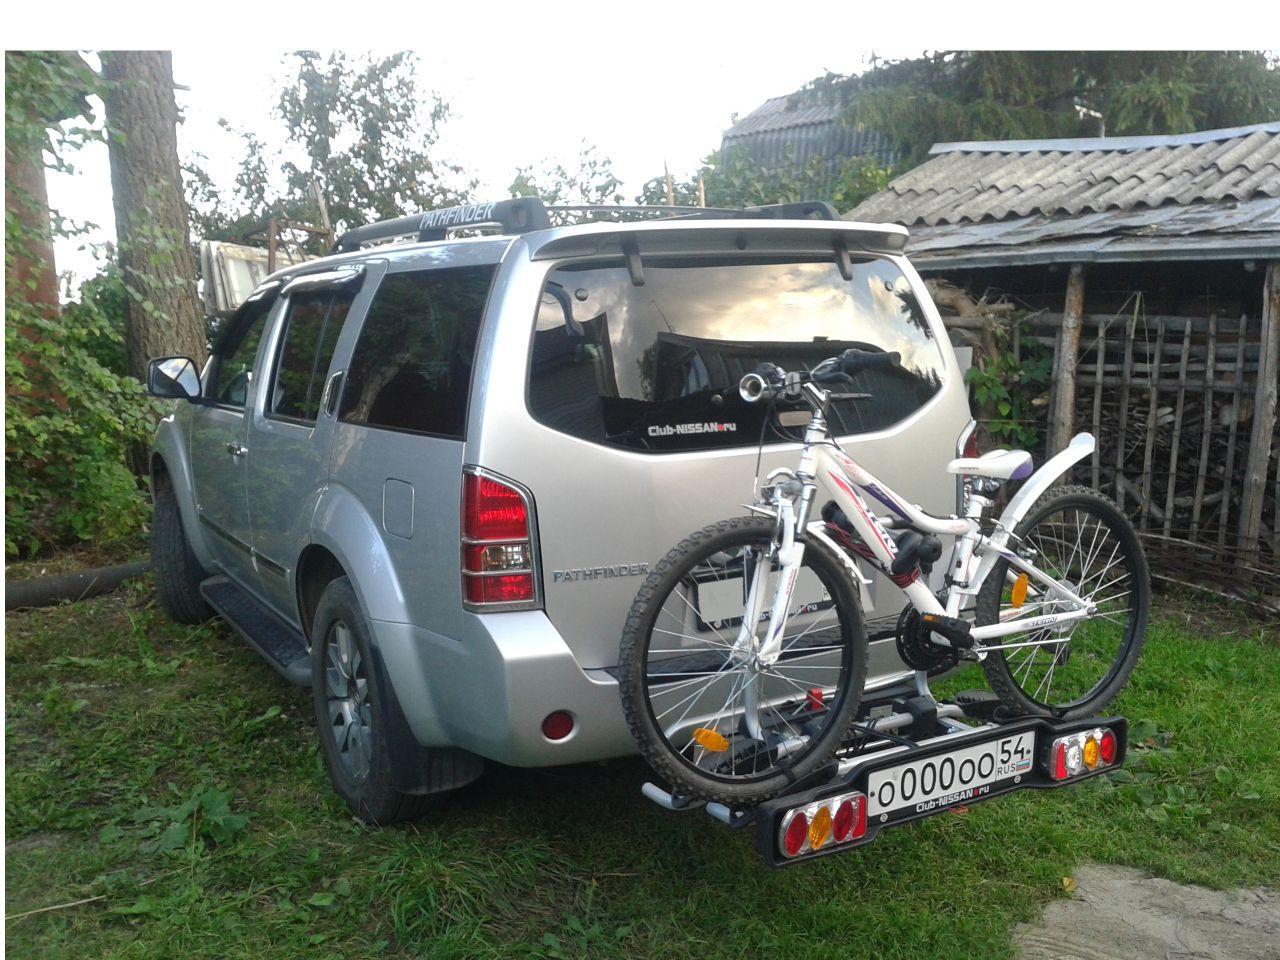 Приспособление для транспортировки двух велосипедов на фаркоп классная вещь